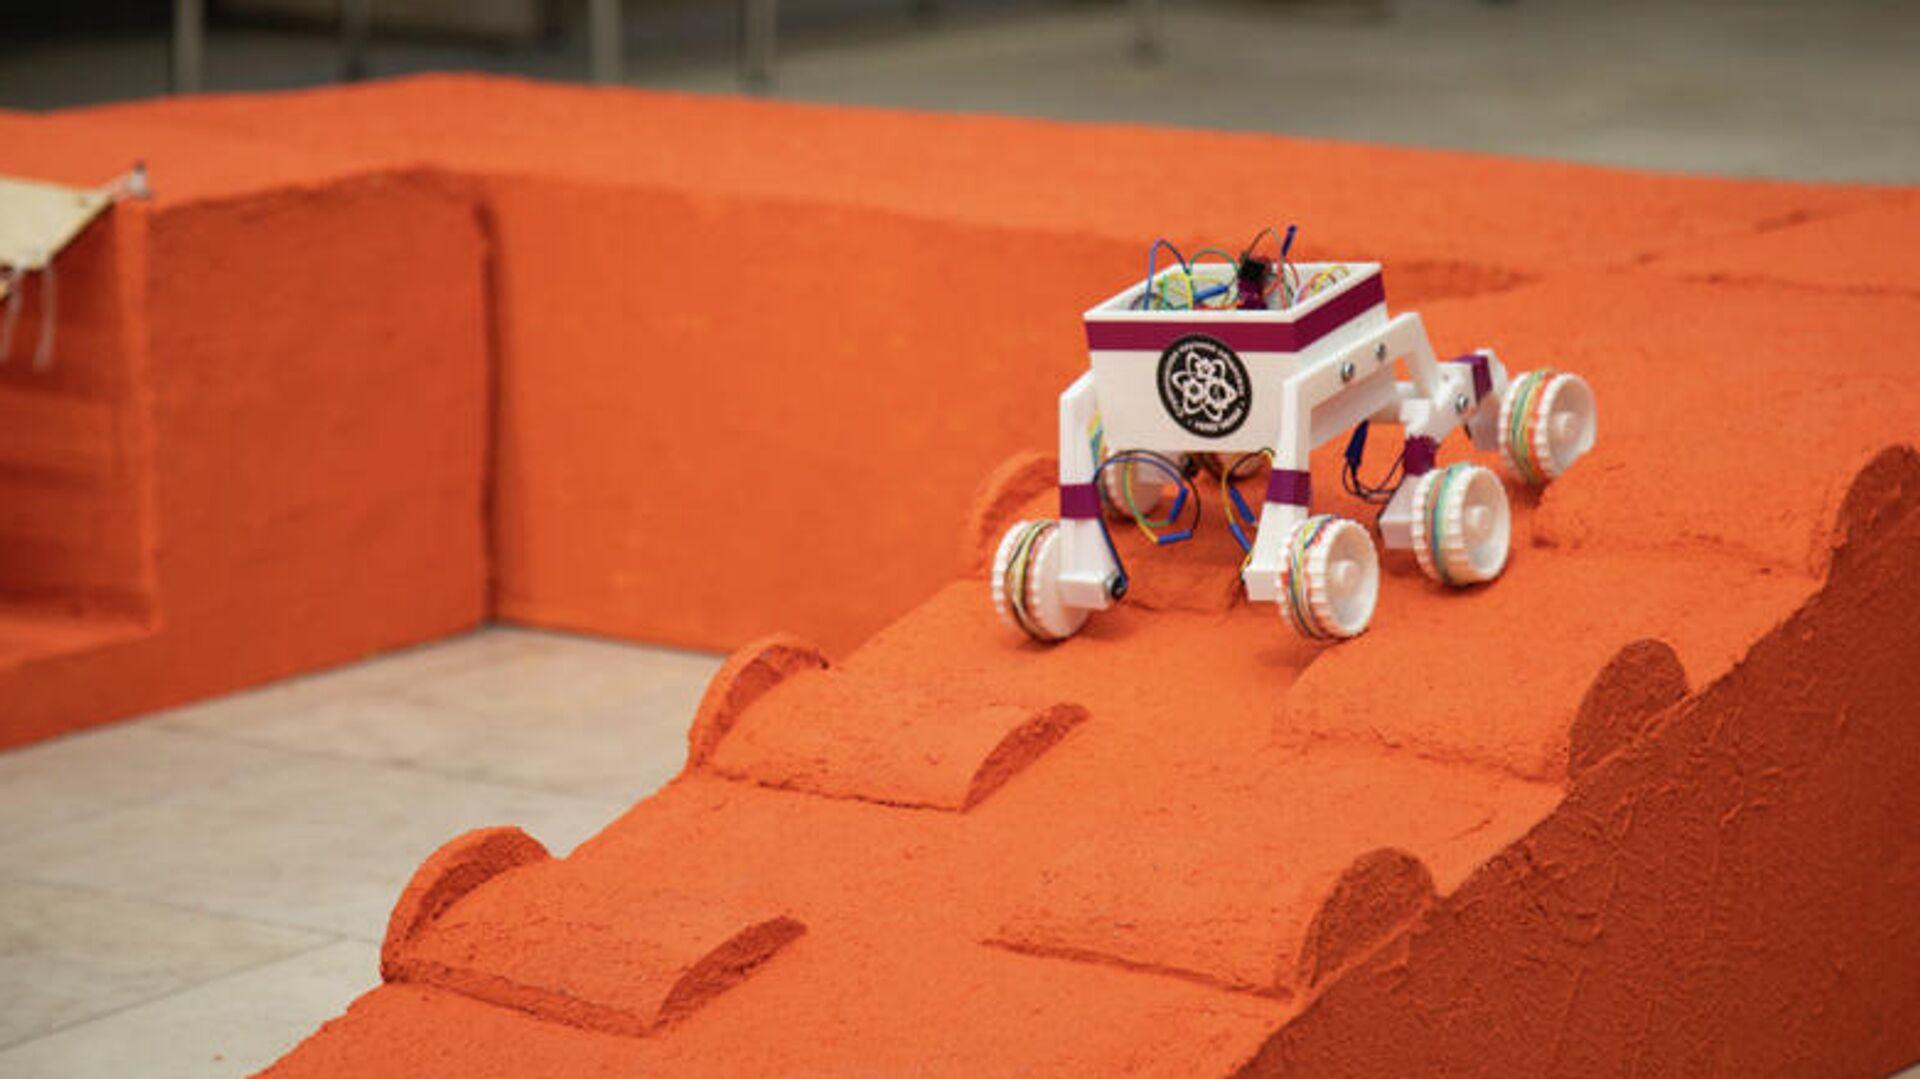 Защита проектной практики в формате соревнования самостоятельно изготовленных моделей марсоходов в МИФИ - РИА Новости, 1920, 25.06.2021